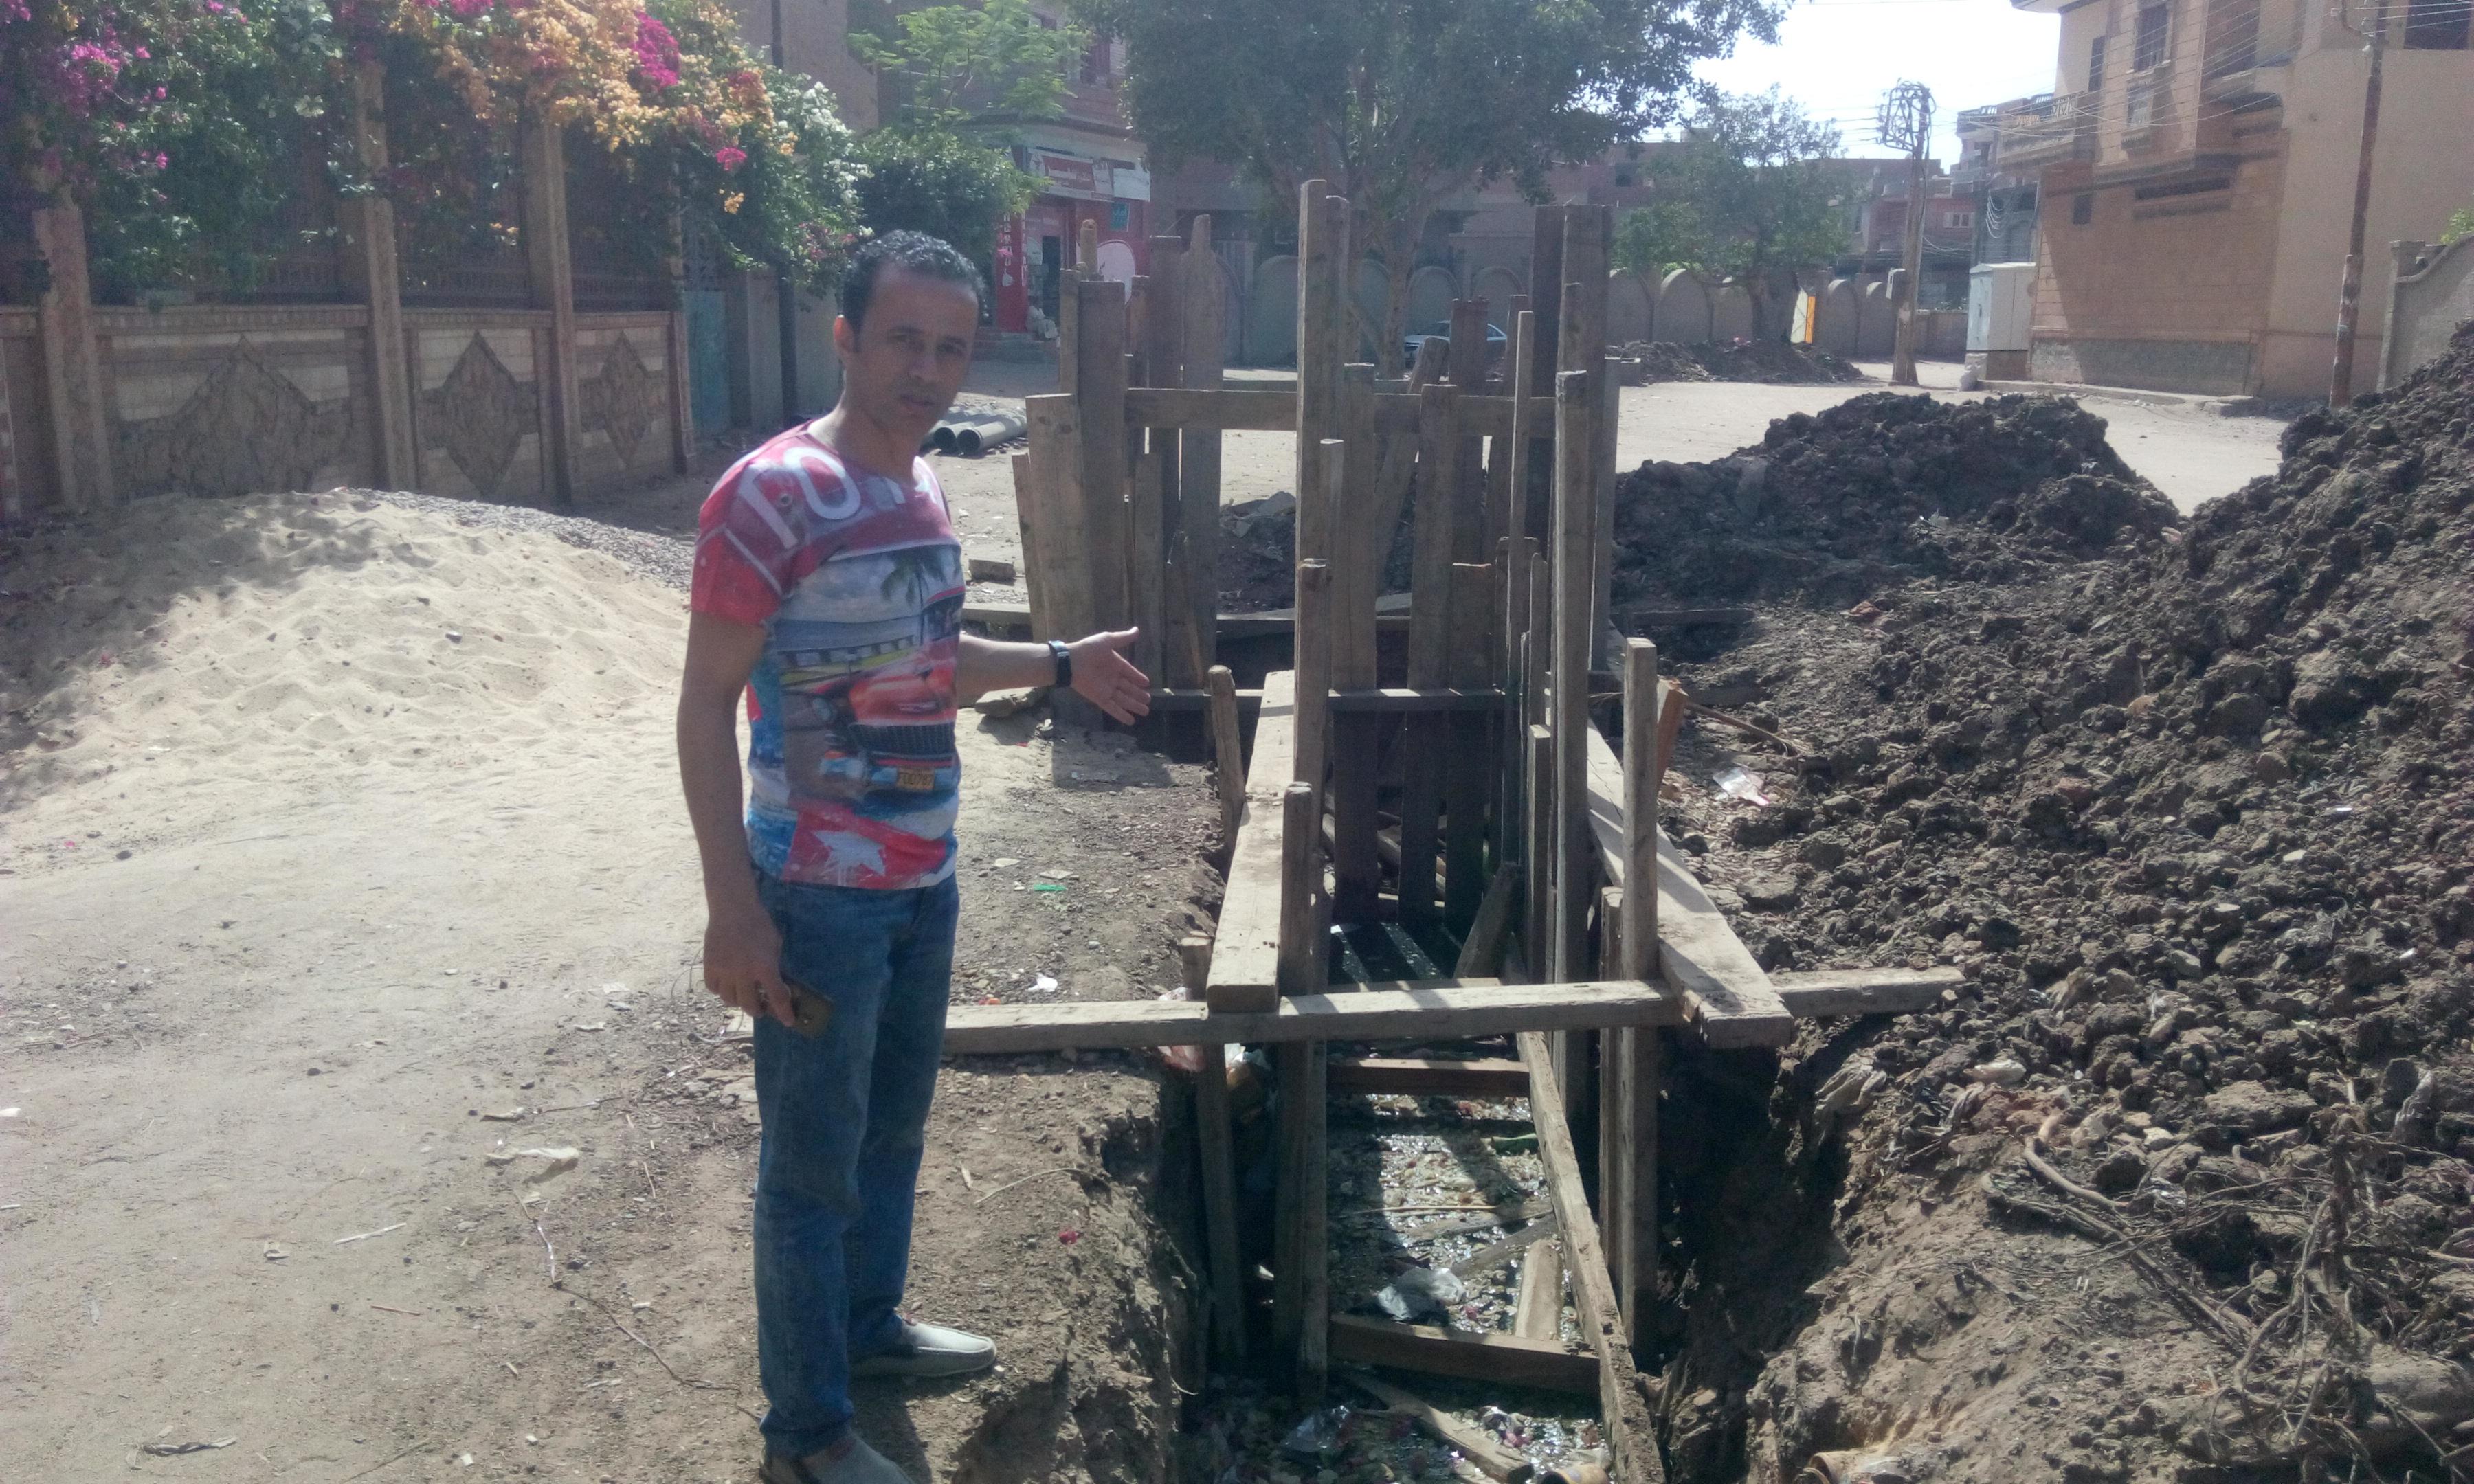 توقف العمل فى مشروع الصرف الصحى بقرية شبراملس فى الغربية (14)